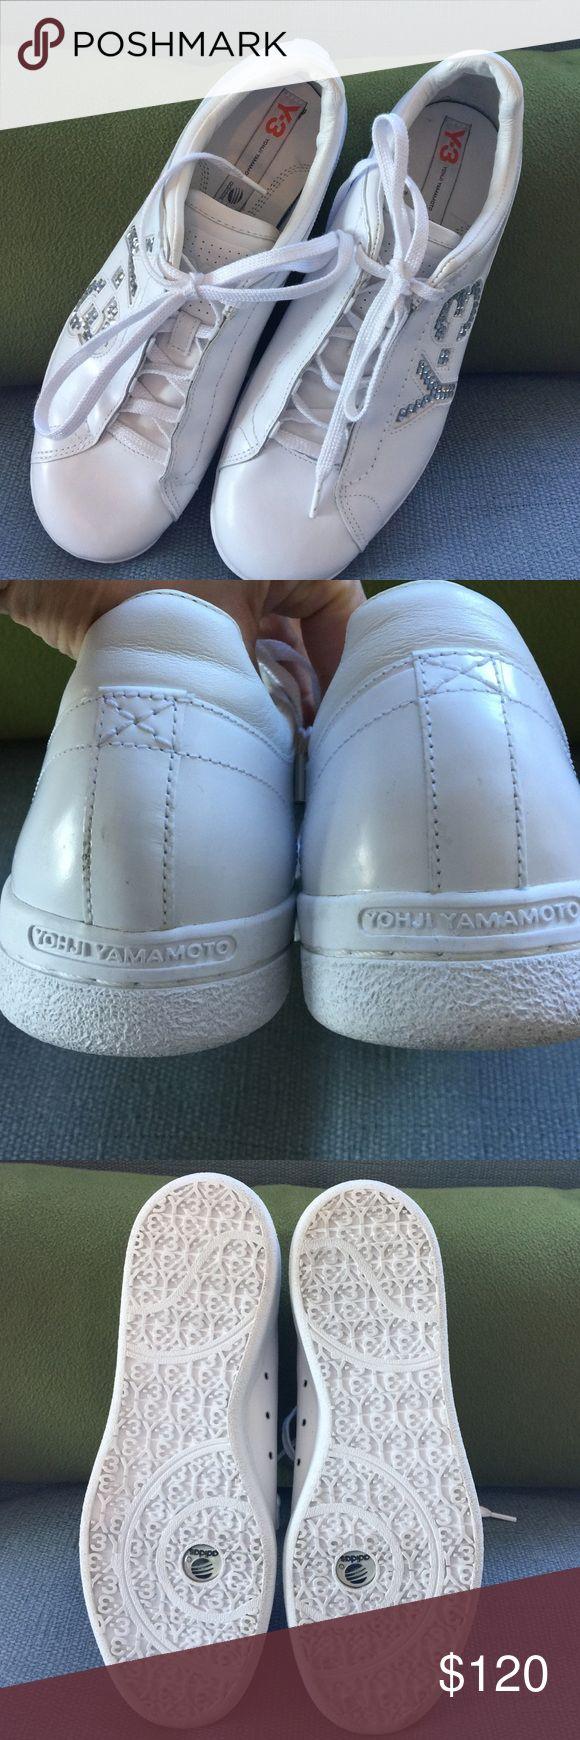 Yohji Yamamoto Y3 Yohji Yamamoto Adidas Sneakers. Size US 6 but runs a little big fits like a 7. Excellent condition. No box Yohji Yamamoto Shoes Sneakers